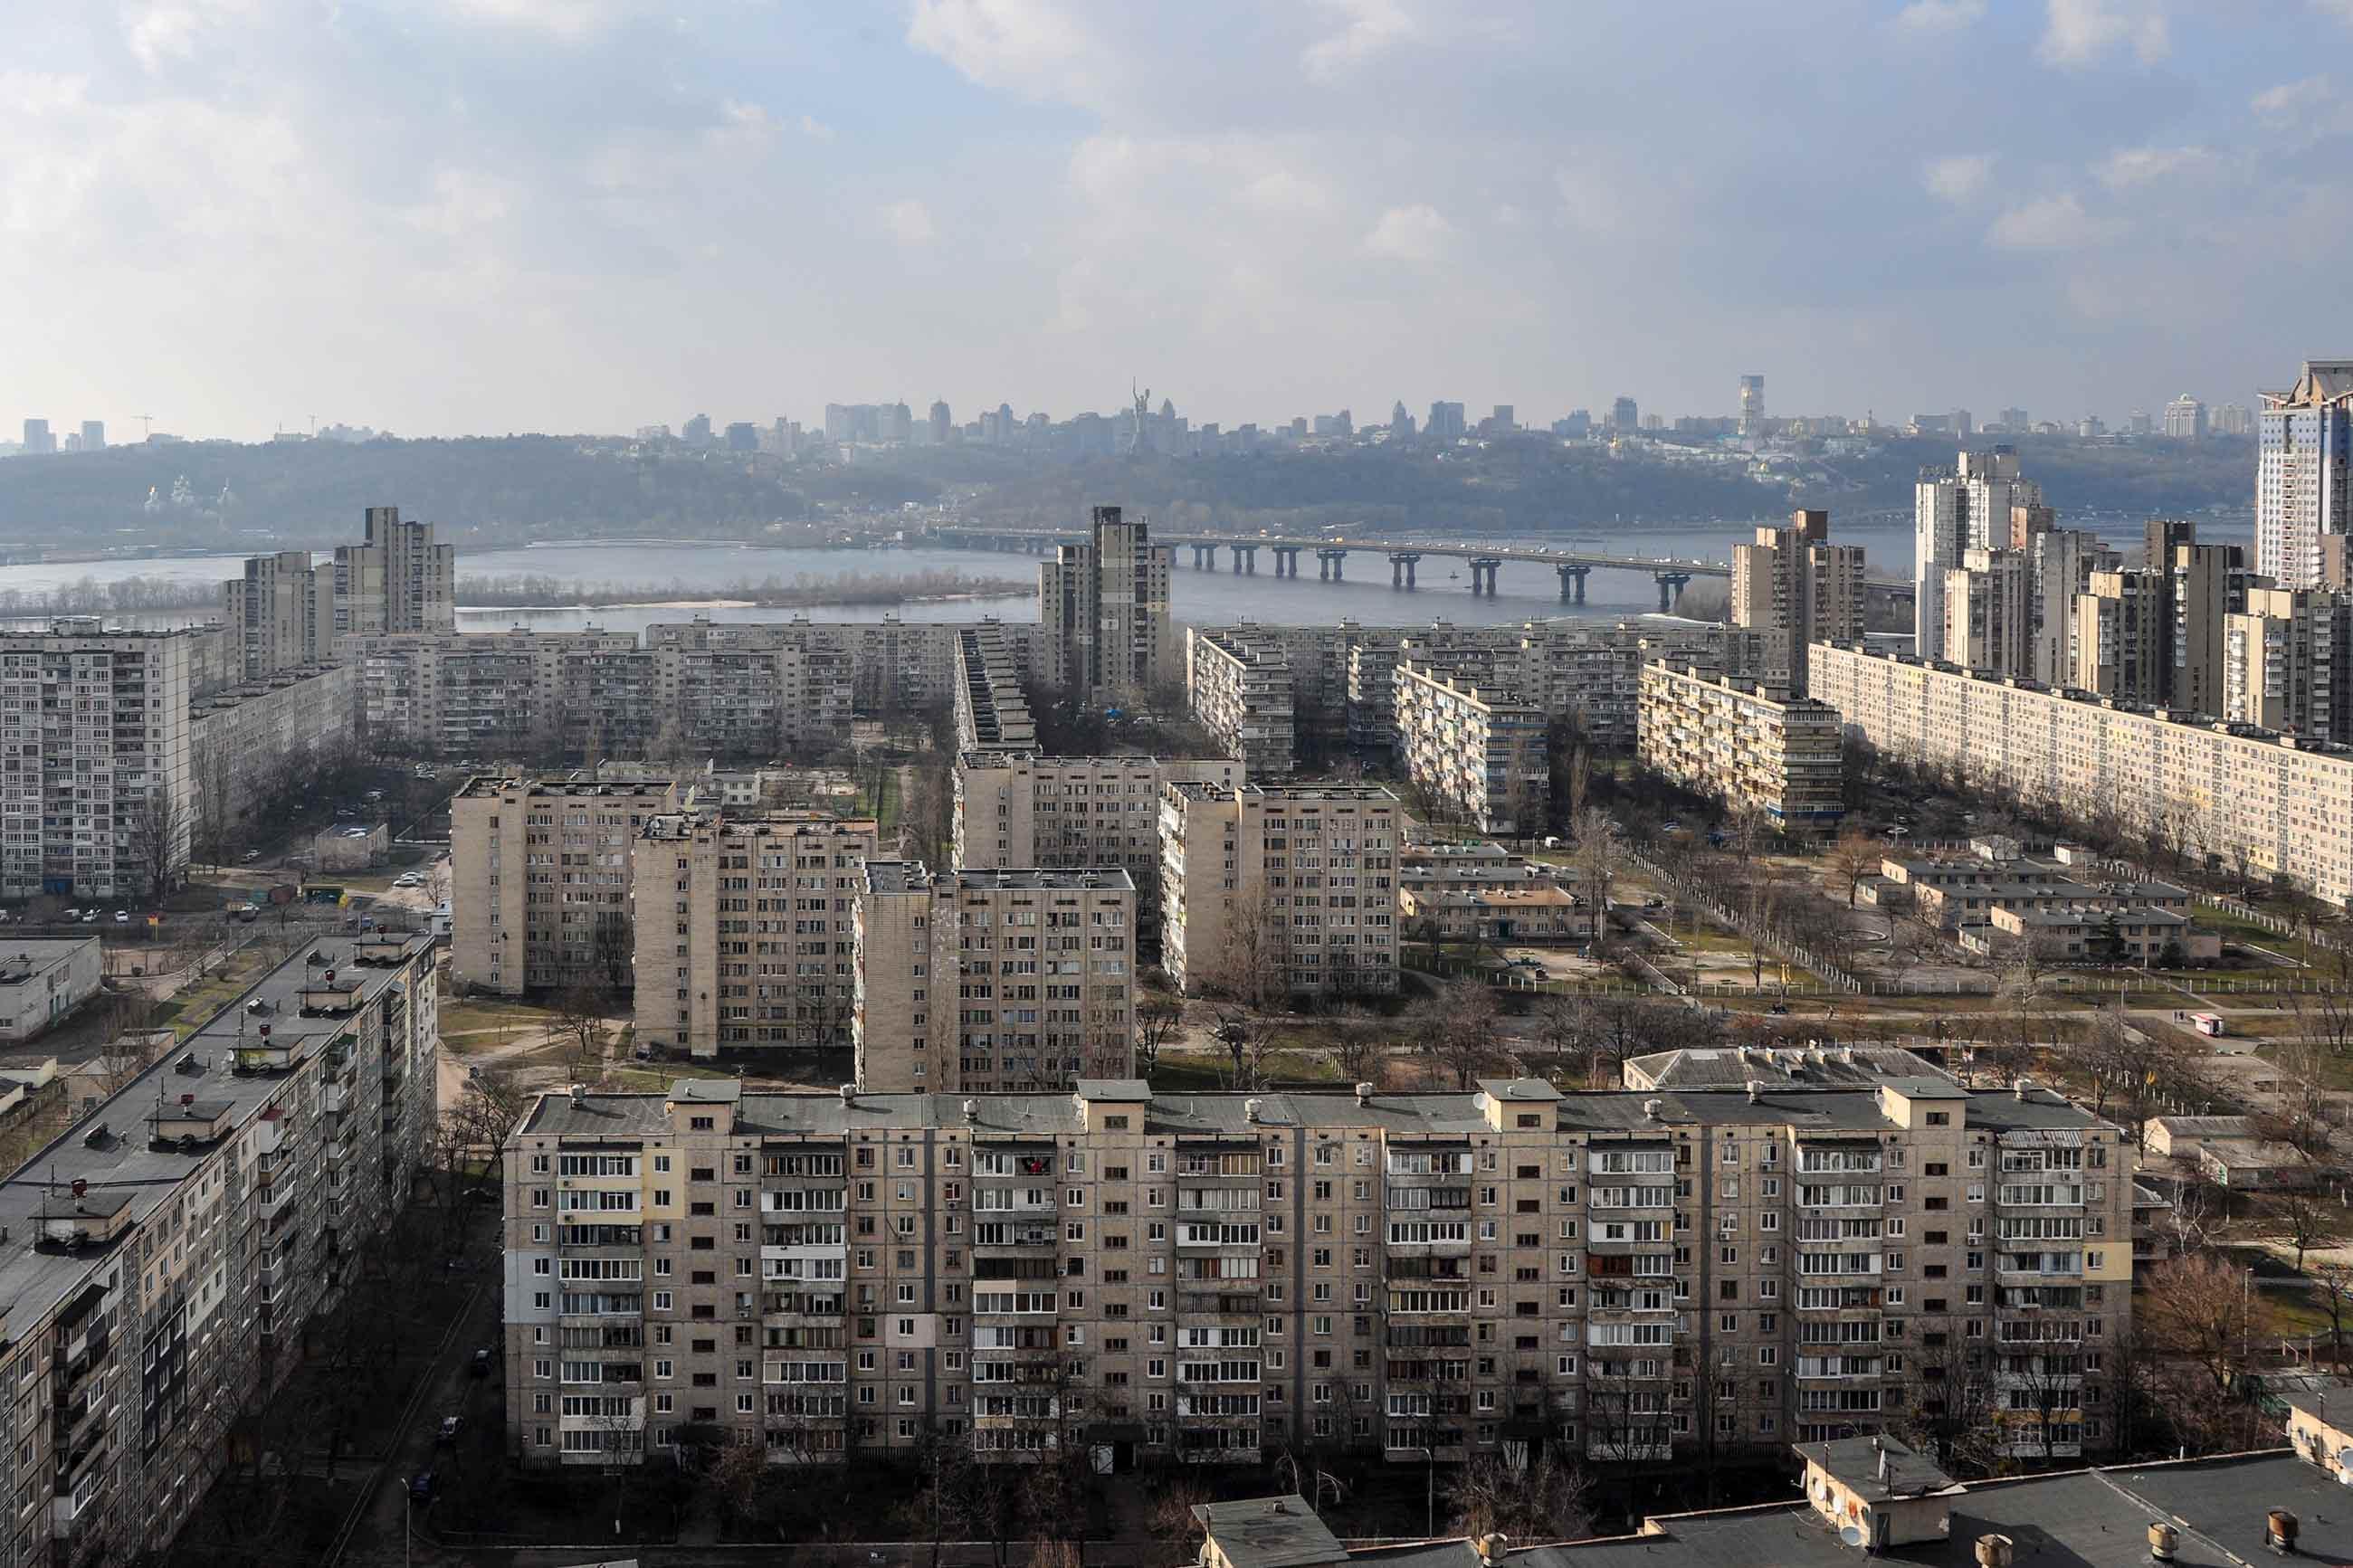 bereznyak - <b>Заради масового житла в Києві знищили десятки поселень.</b> Розповідаємо, як це було - Заборона